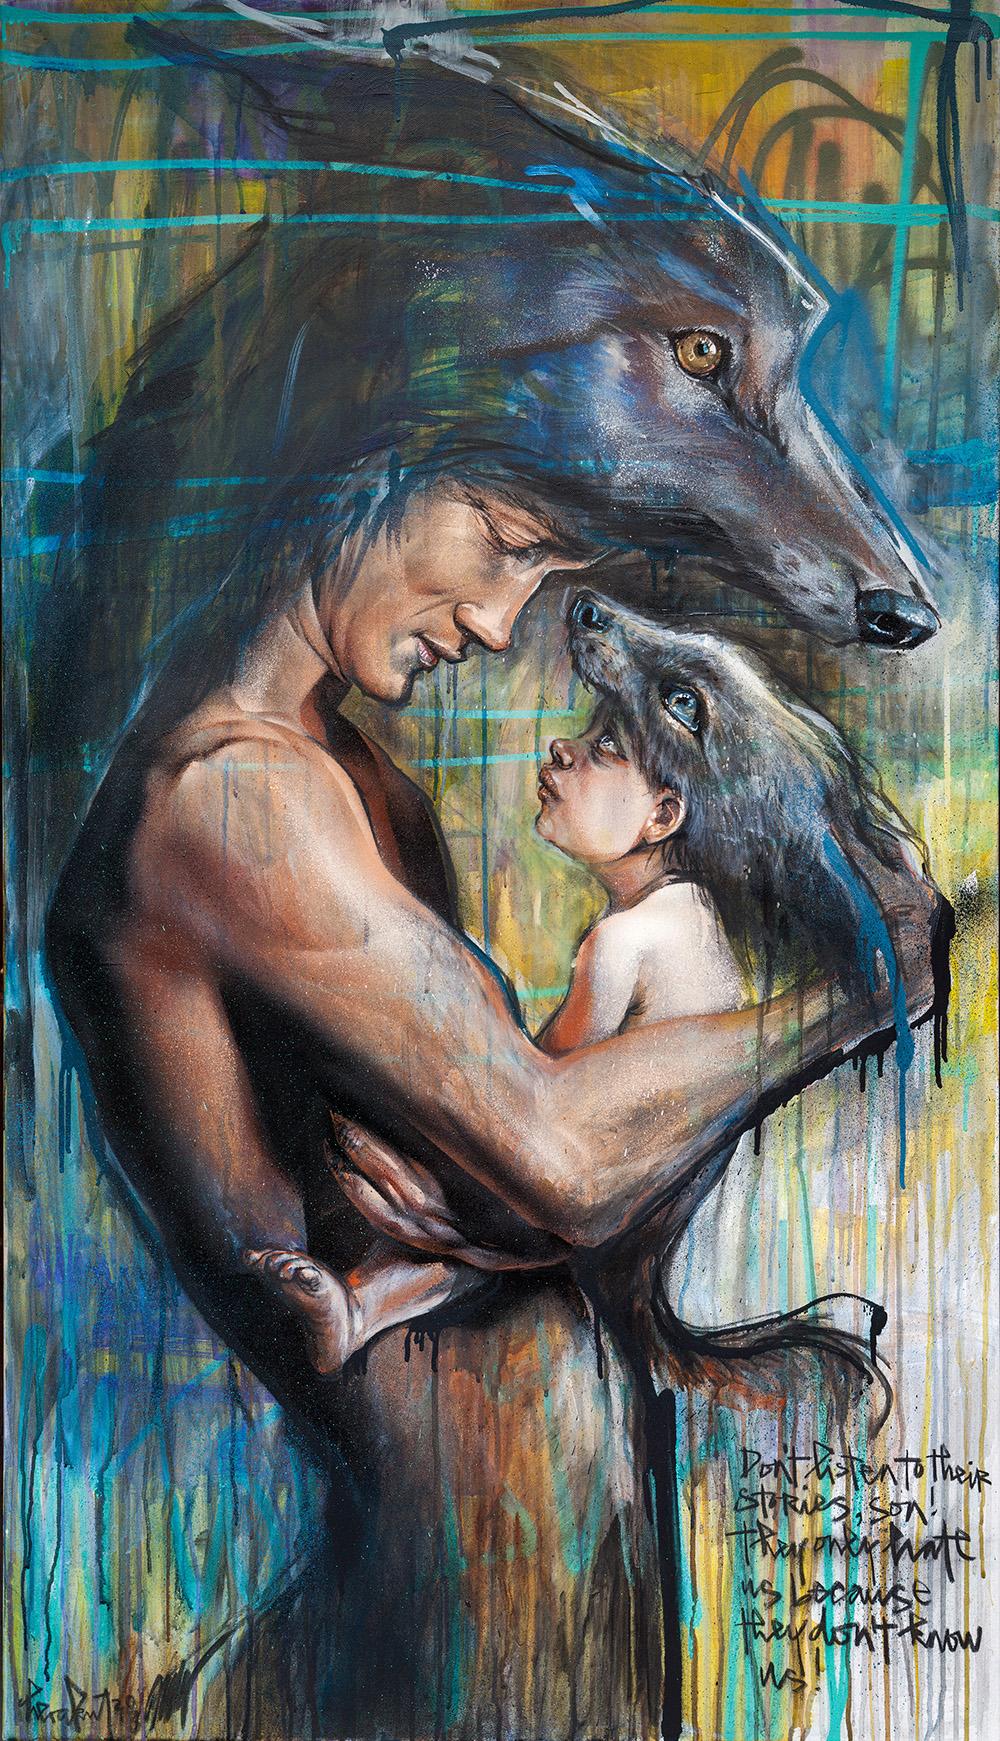 street-art-murales-herakut-8